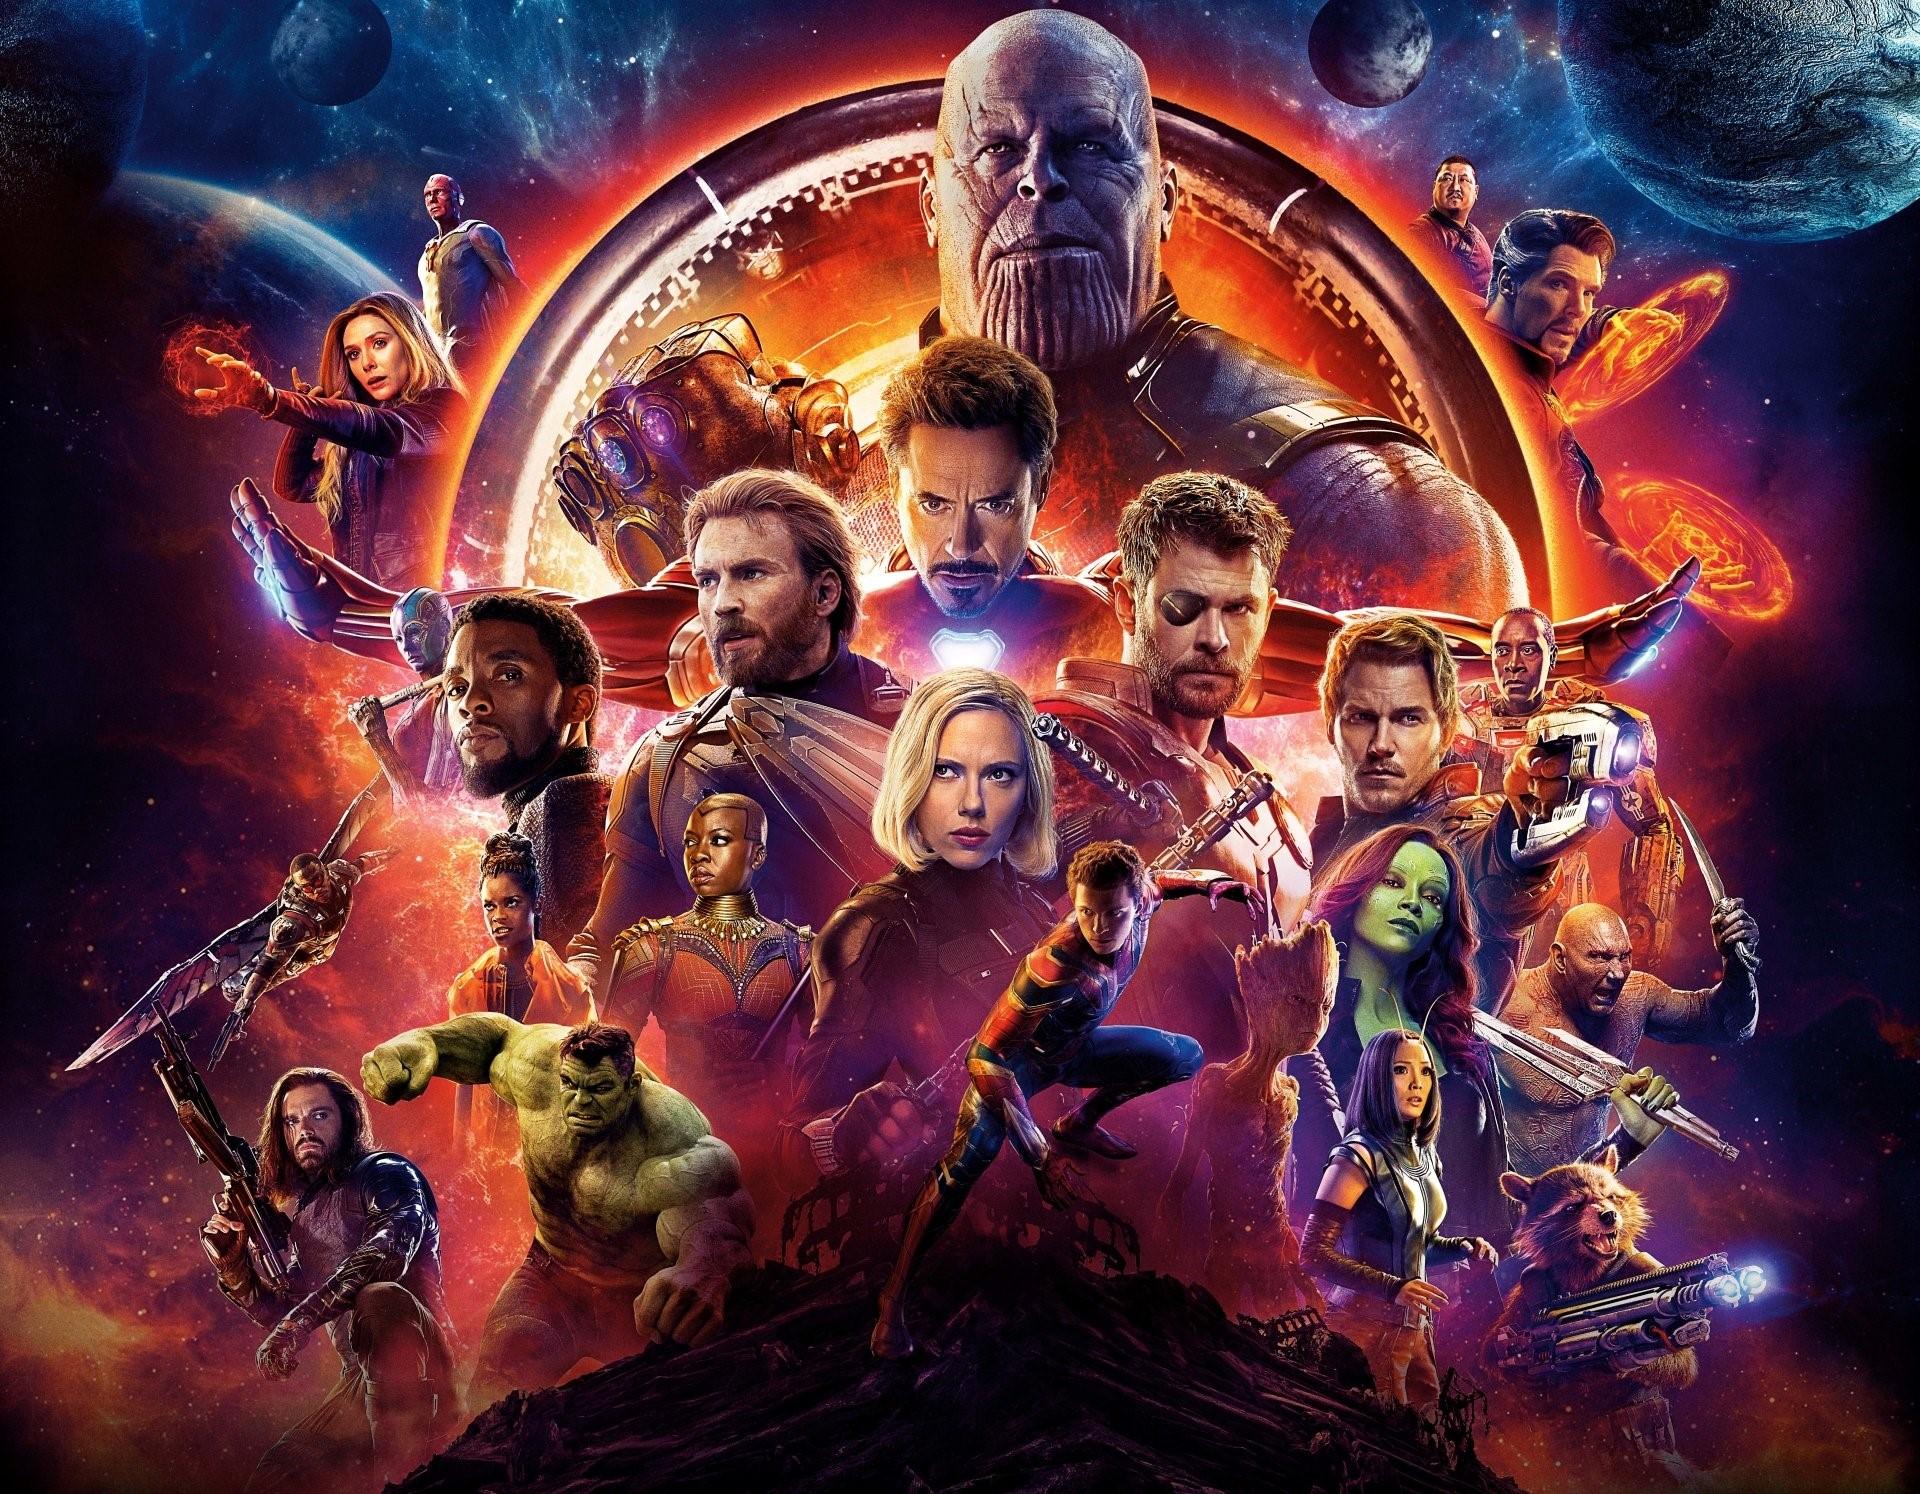 Avengers Endgame hd fotoğrafları